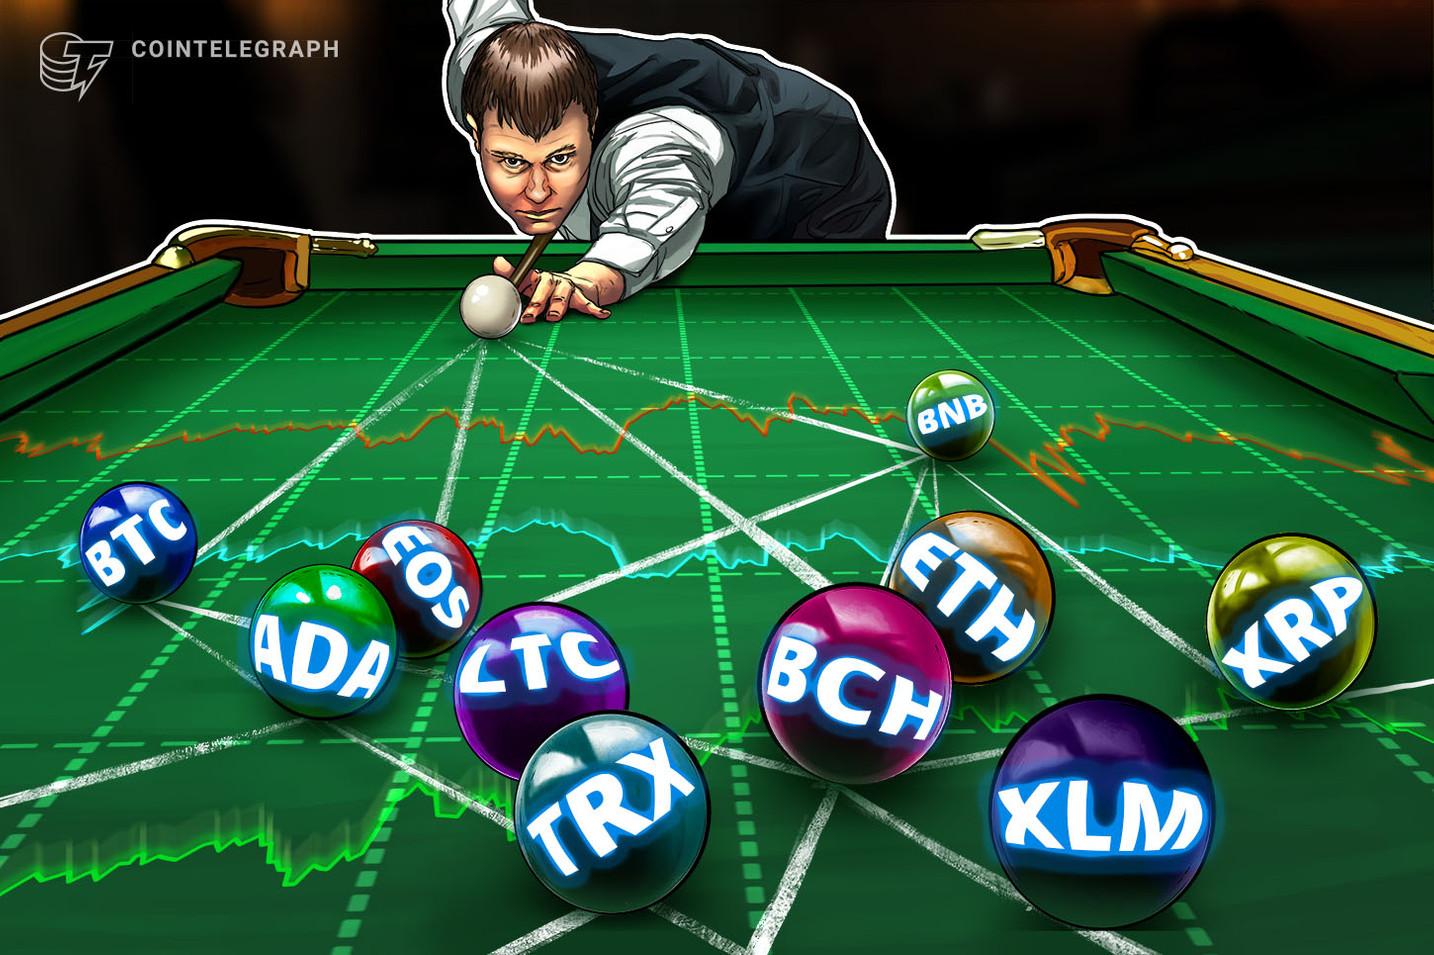 Kursanalyse, 30. April: Bitcoin, Ethereum, Ripple, Bitcoin Cash, Litecoin, EOS, Binance Coin, Stellar, Cardano, TRON